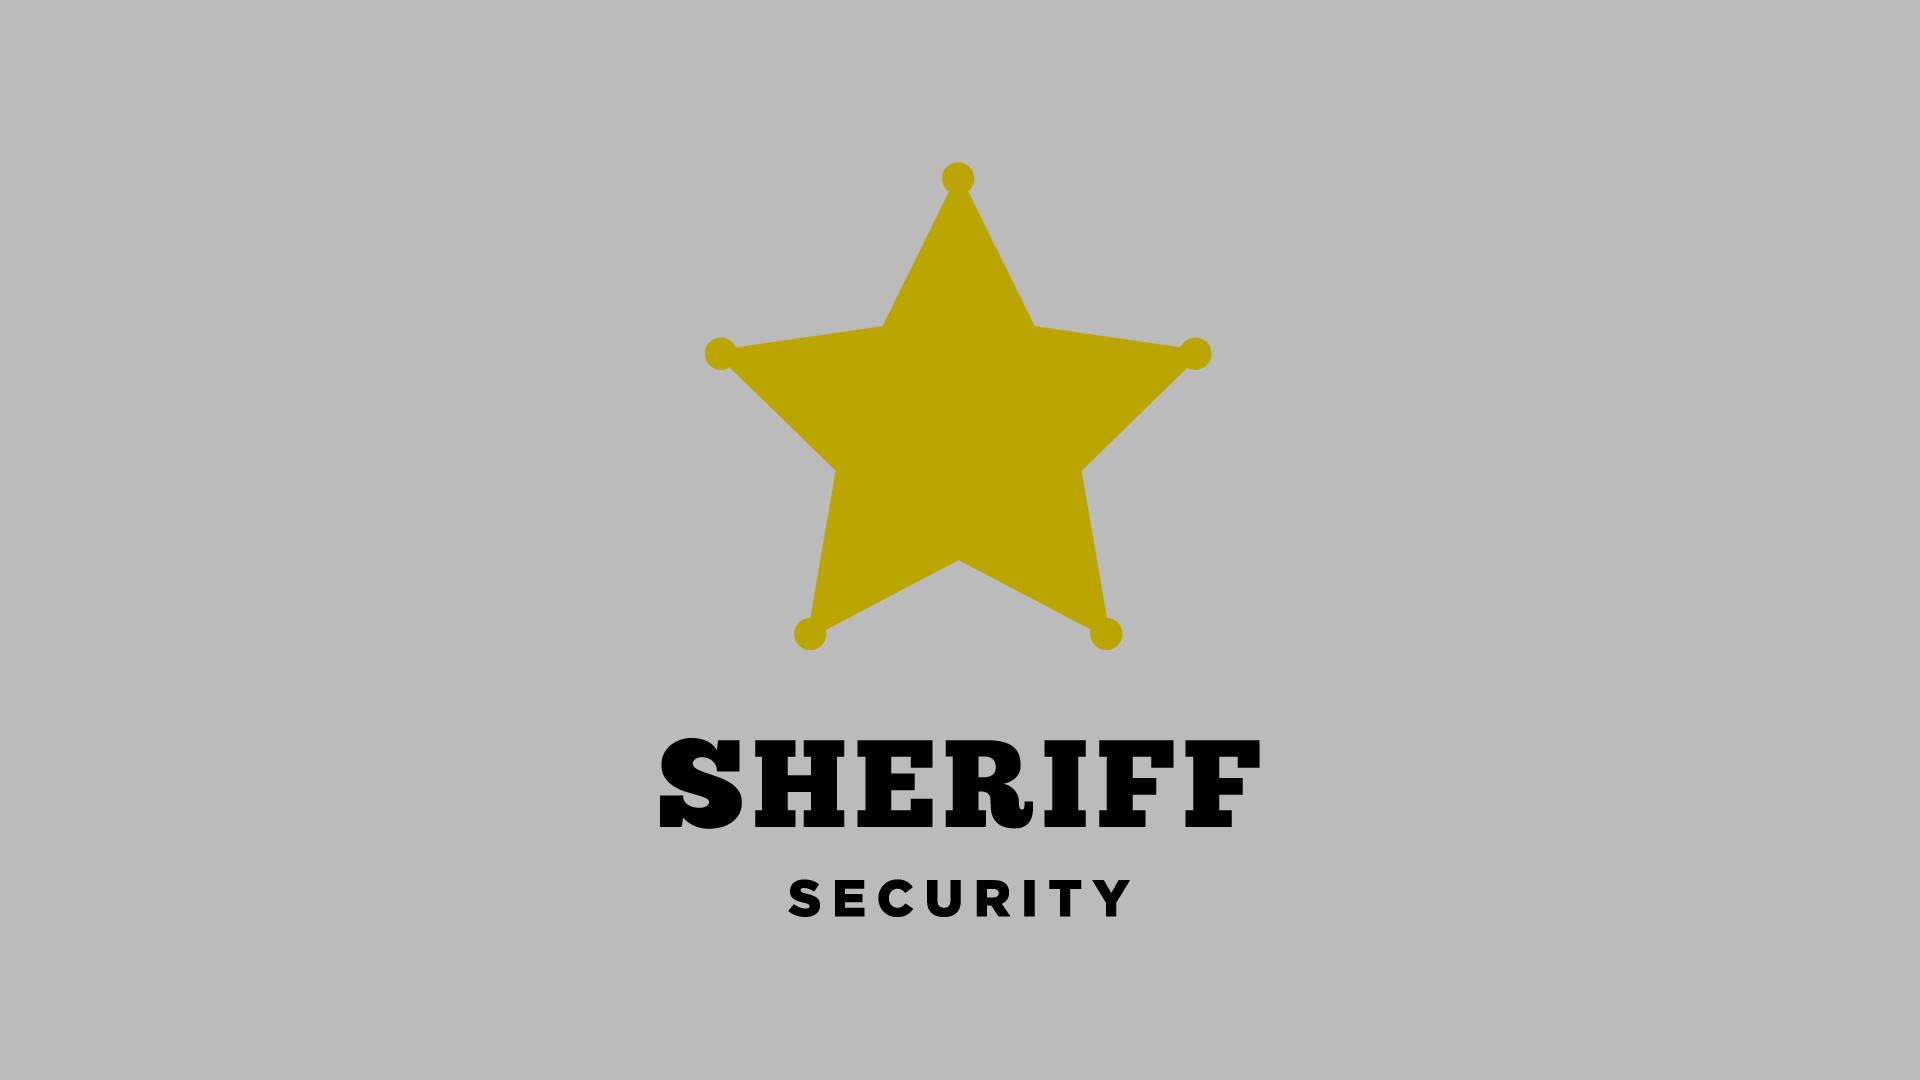 Sheriff Brand Identity